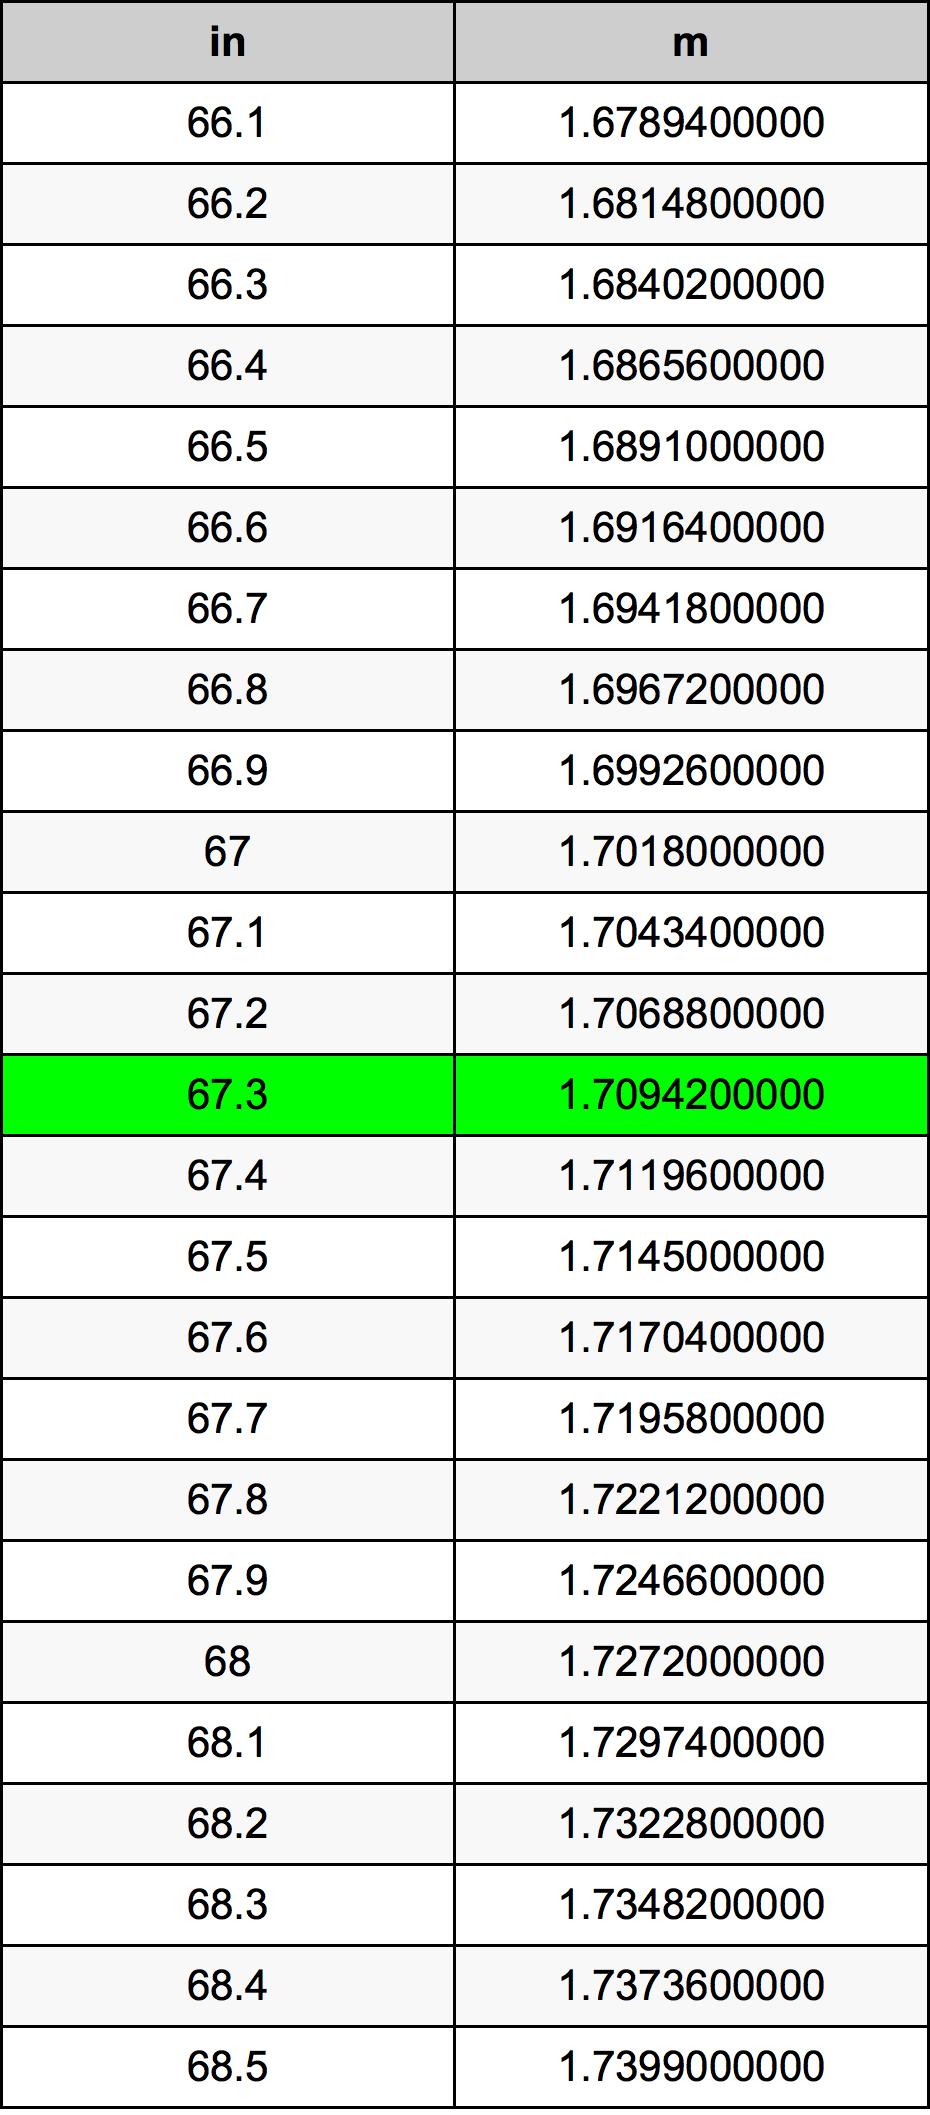 67.3 Pouce table de conversion